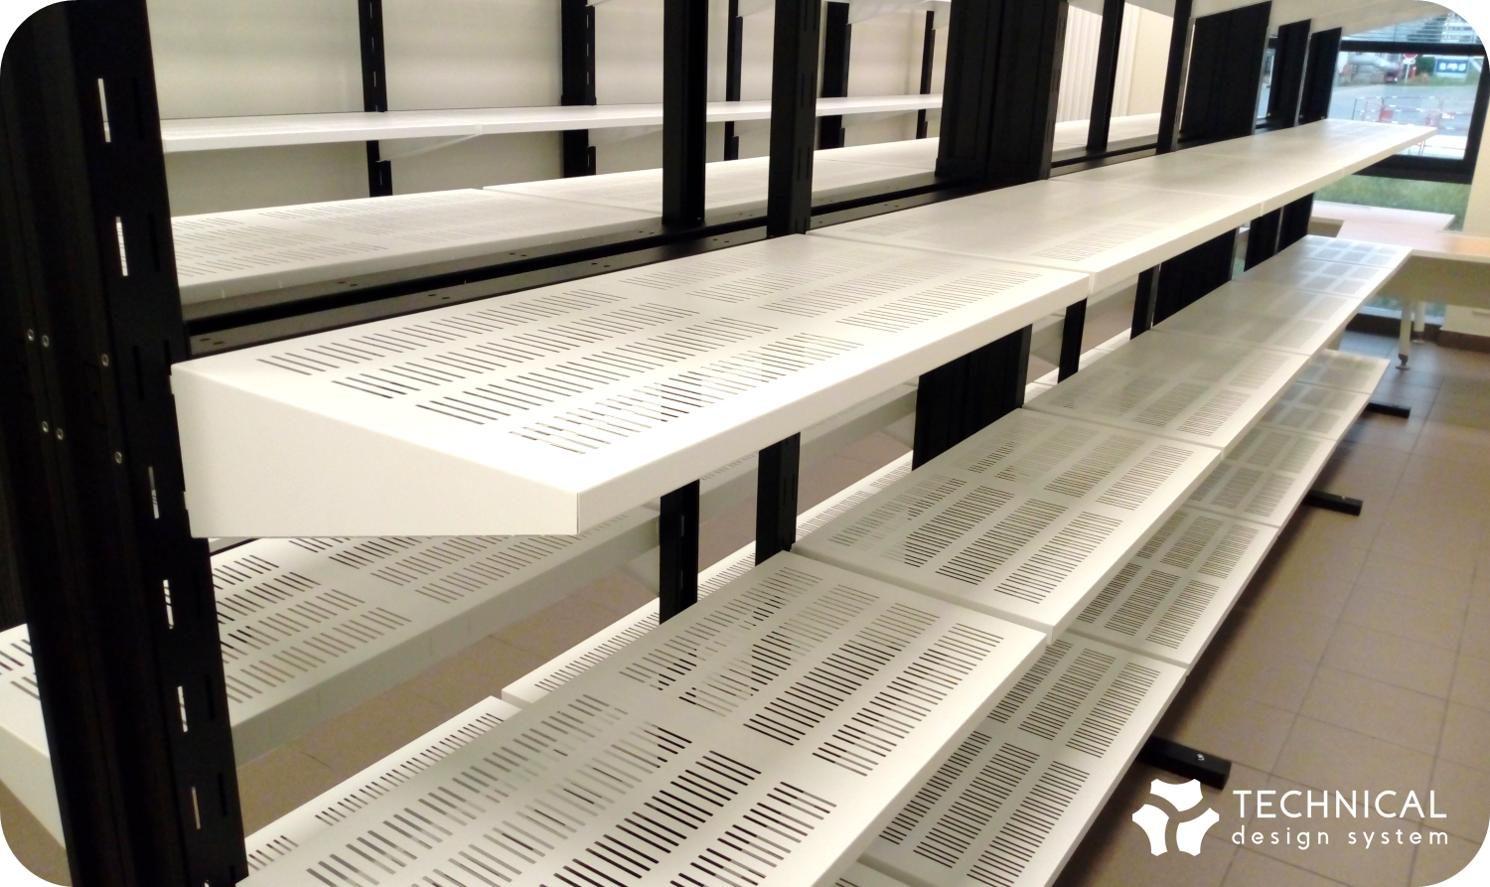 mobilier métallique, étagères métalliques, rayonnage réalisés par tds (technical design system)